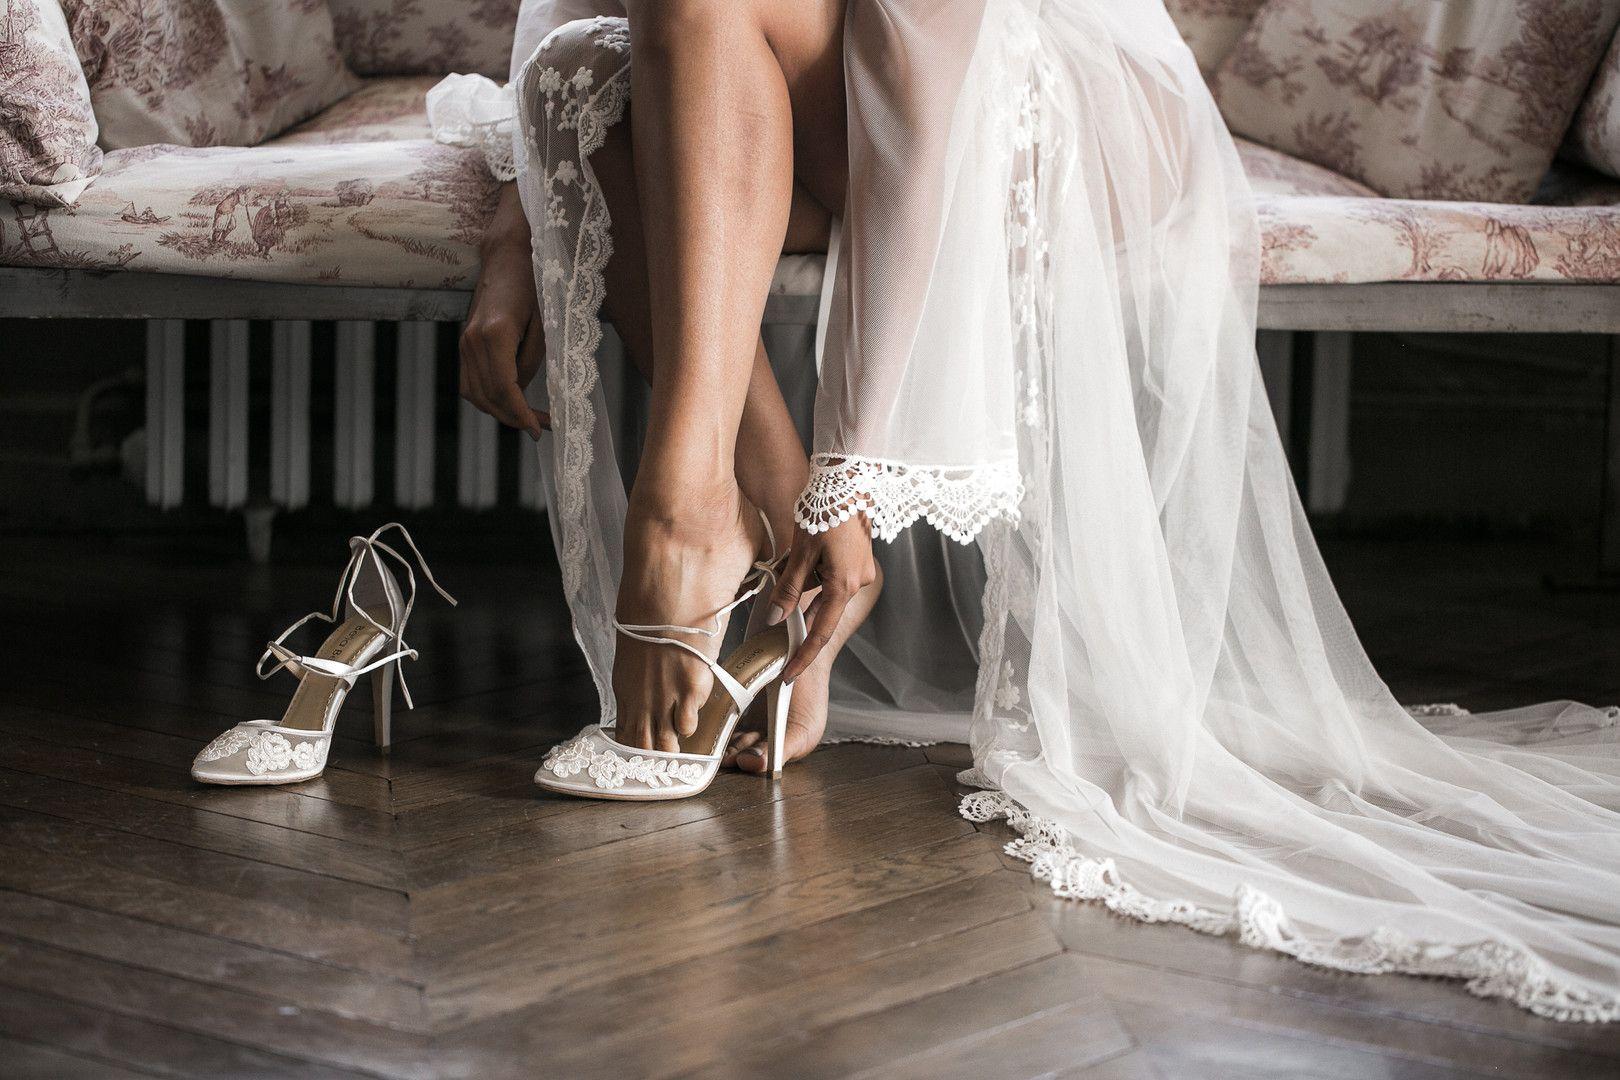 Pin On Bride And Bridesmaid